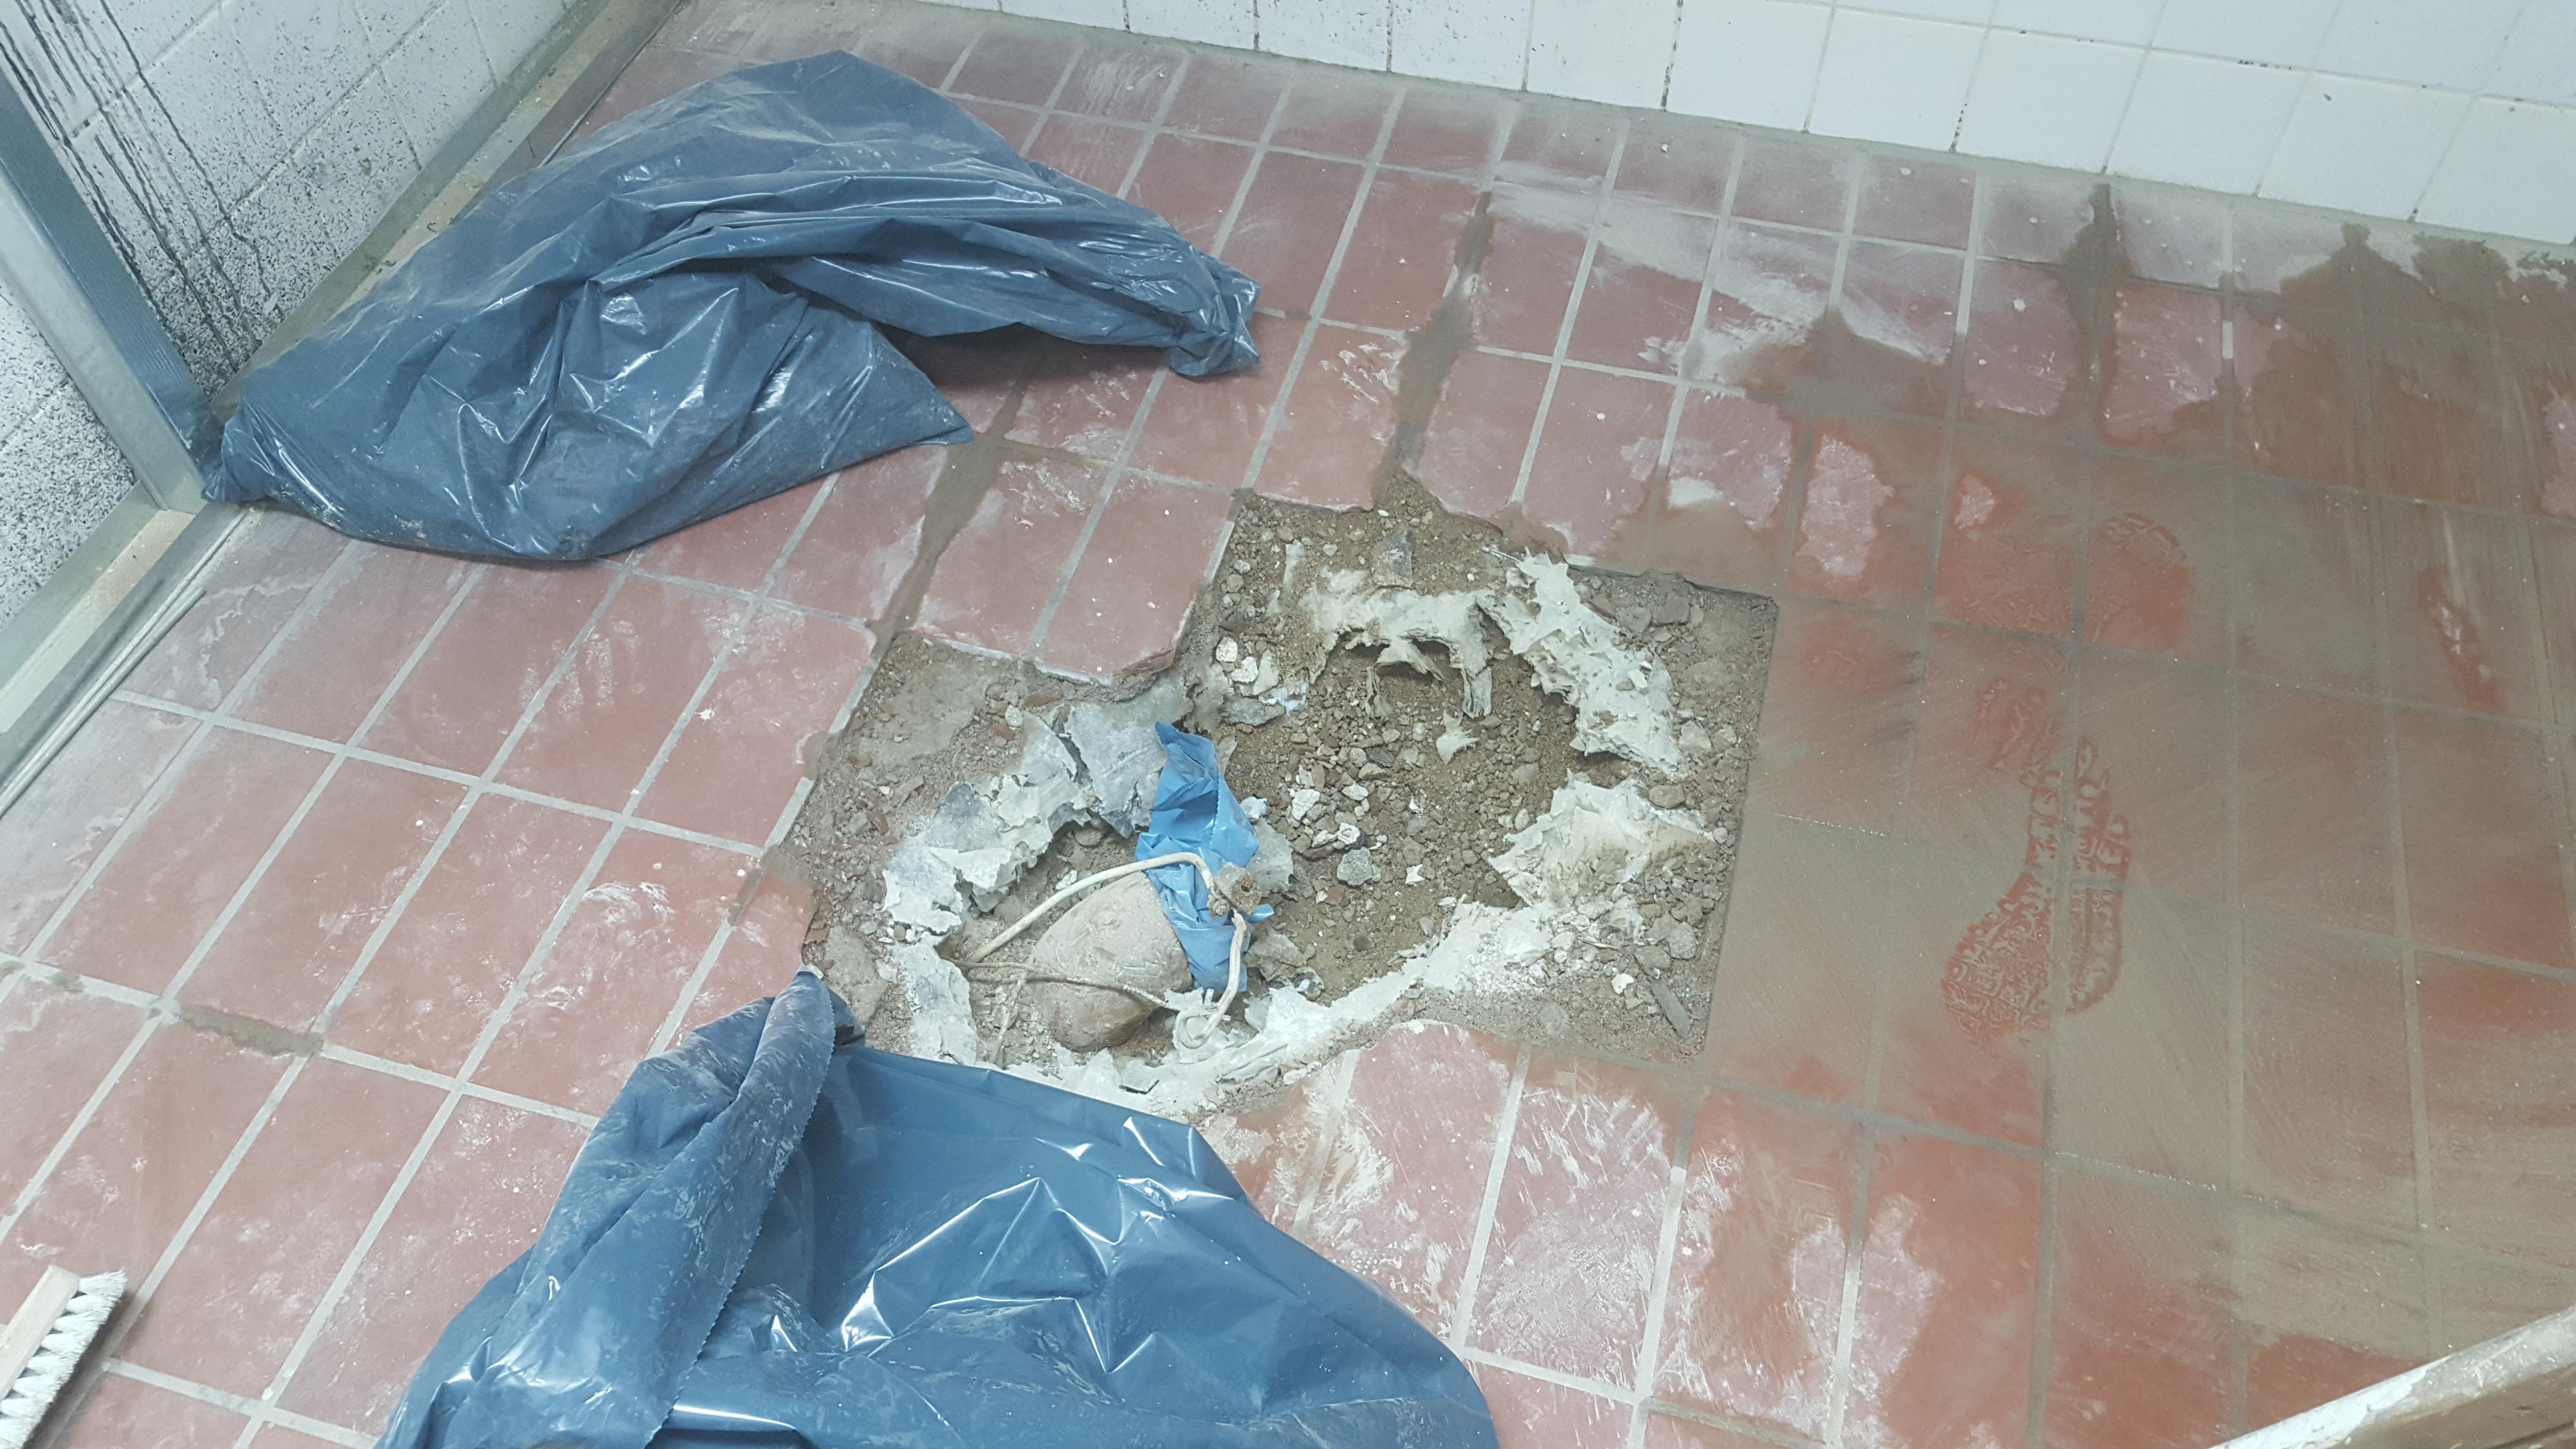 Erneuerung Bodenablauf in Dusche